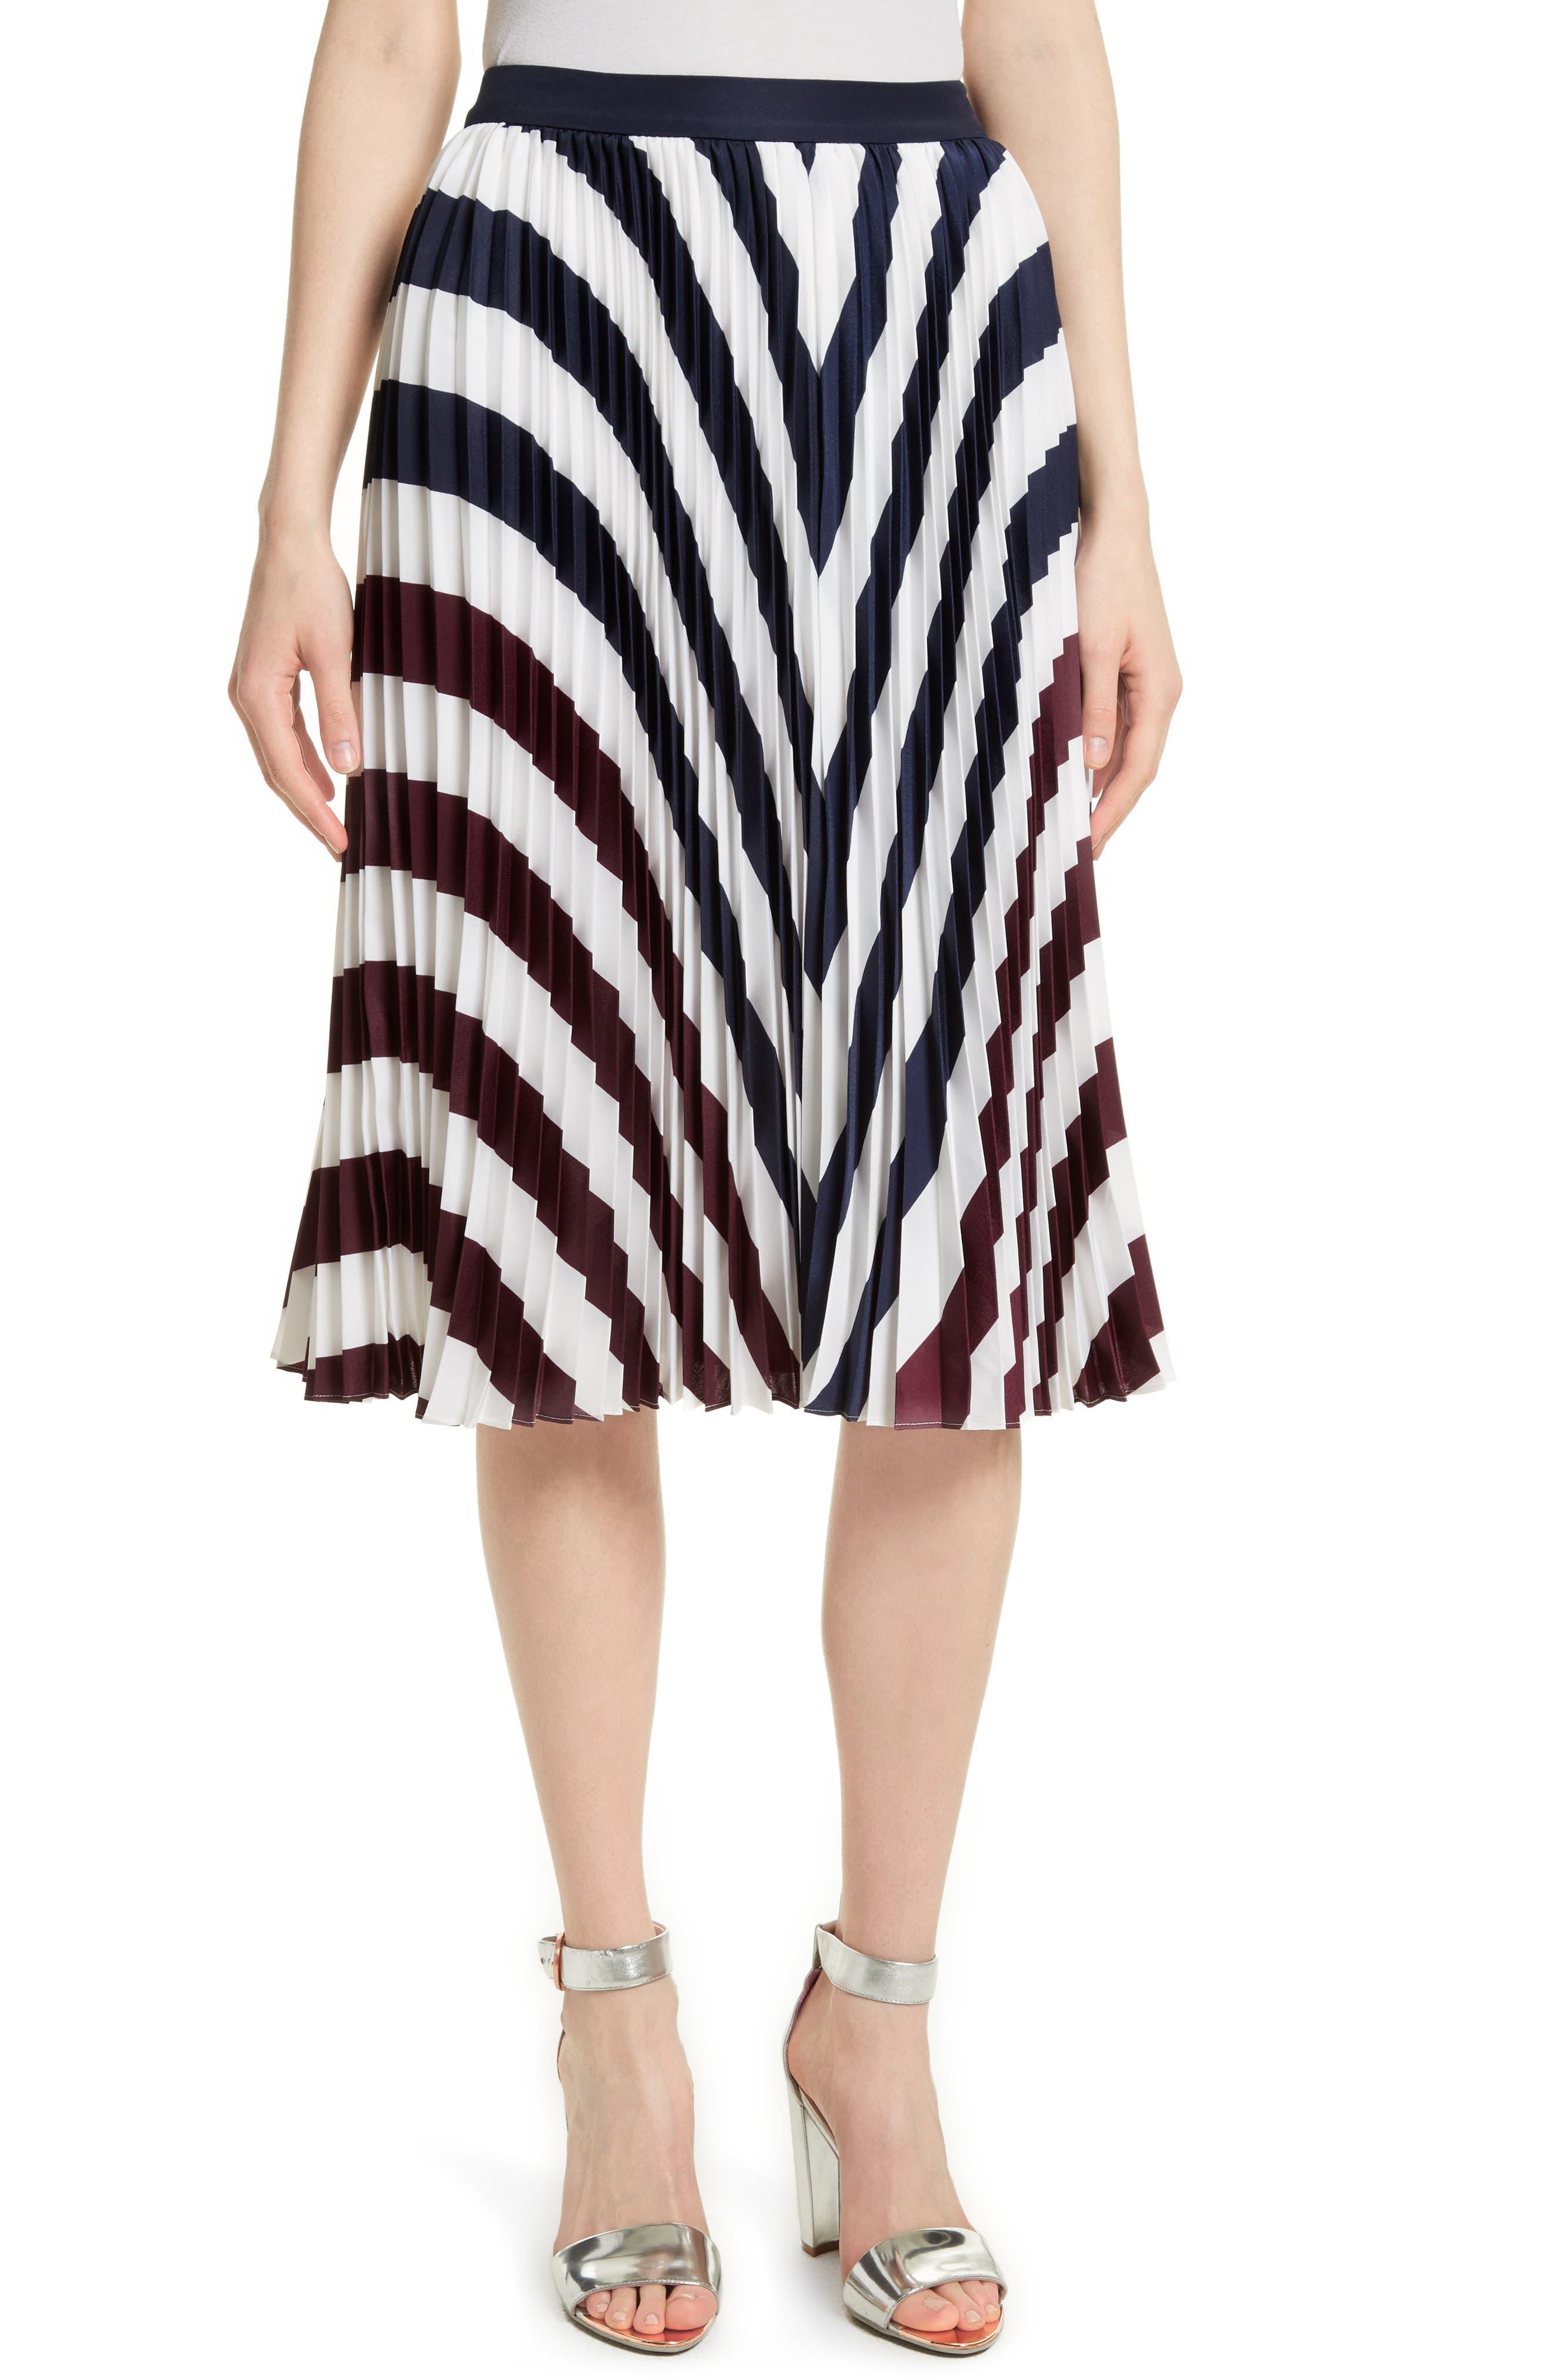 Ted Baker London Alliee Rowing Stripe Pleat Skirt